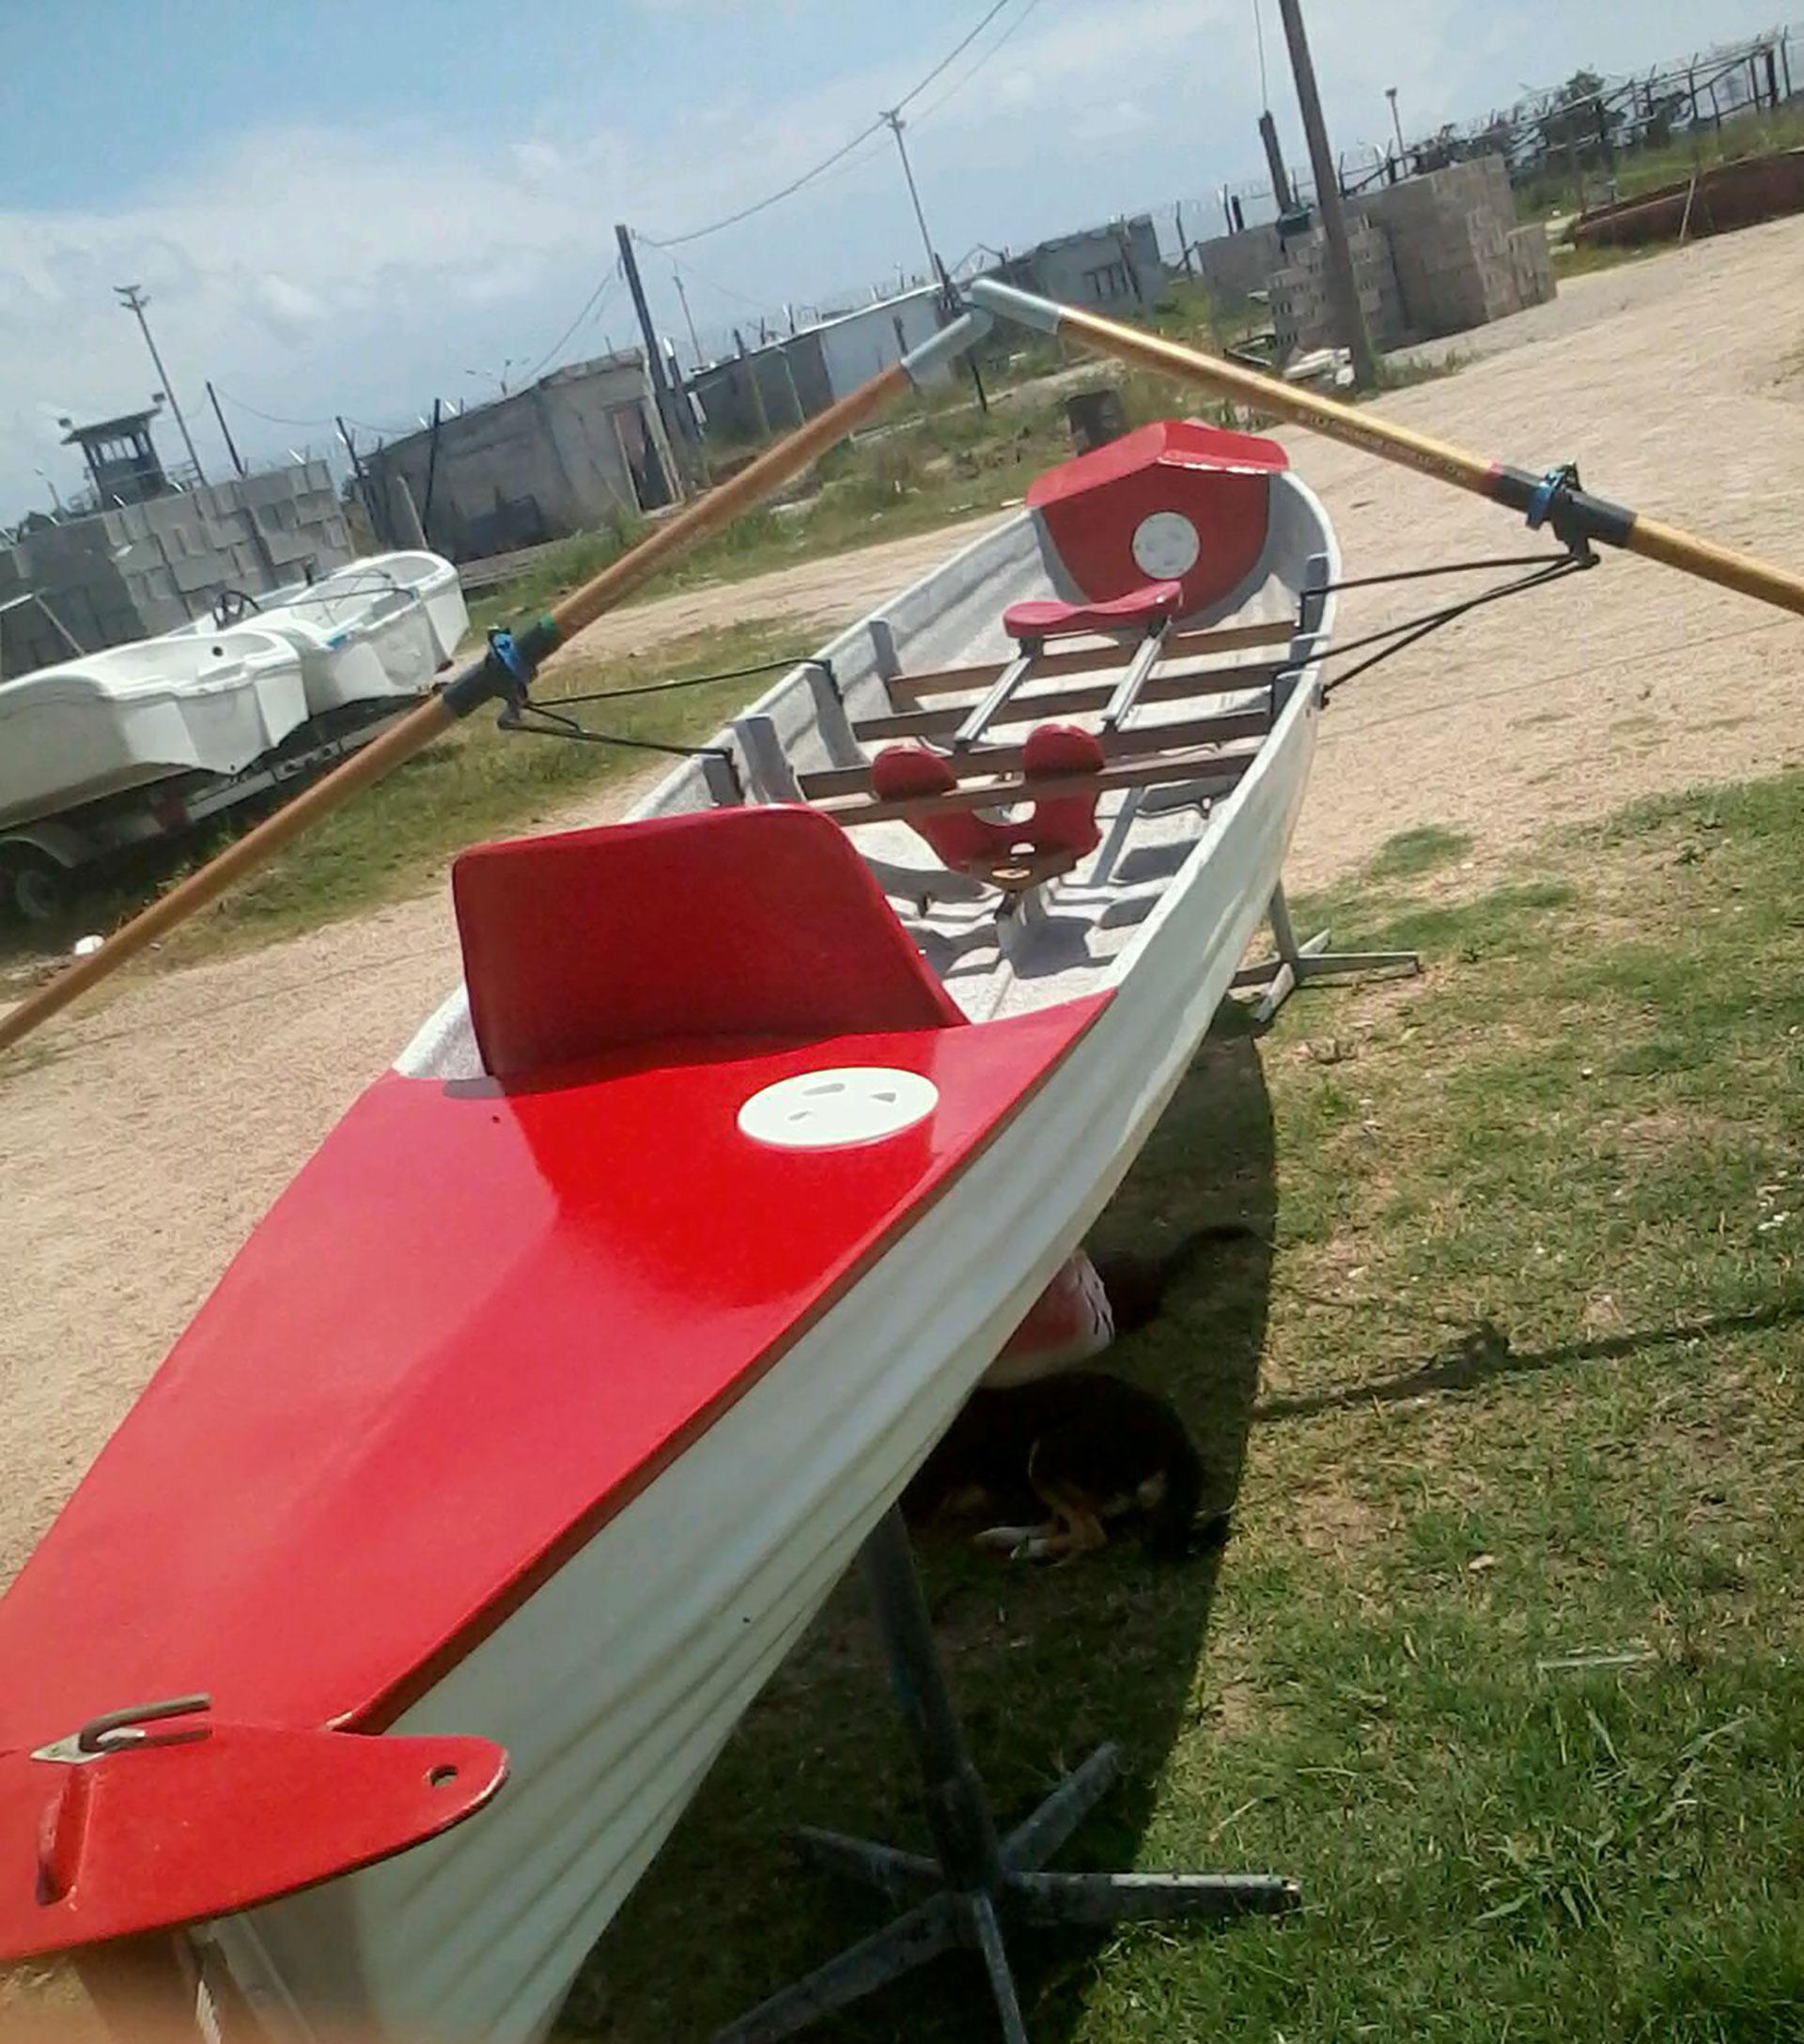 Uno de los botes que se repararon en el taller de fibra de vidrio de Punta de Rieles.